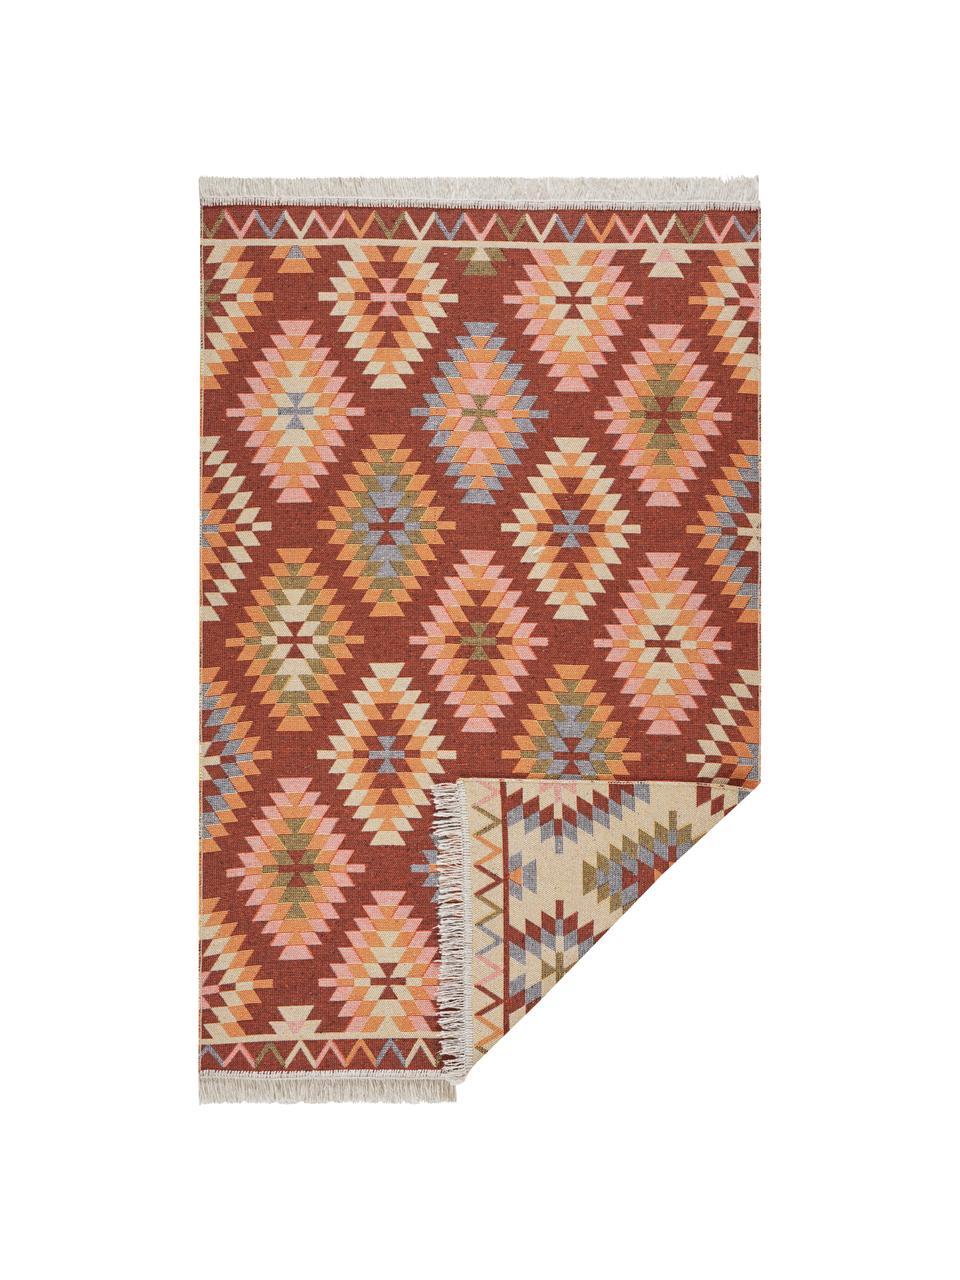 Dünner Kelimteppich Tawi im Ethno-Style aus Baumwolle, 100% Baumwolle, Rot, Orange, Blau, Beige, Rosa, B 160 x L 220 cm (Größe M)